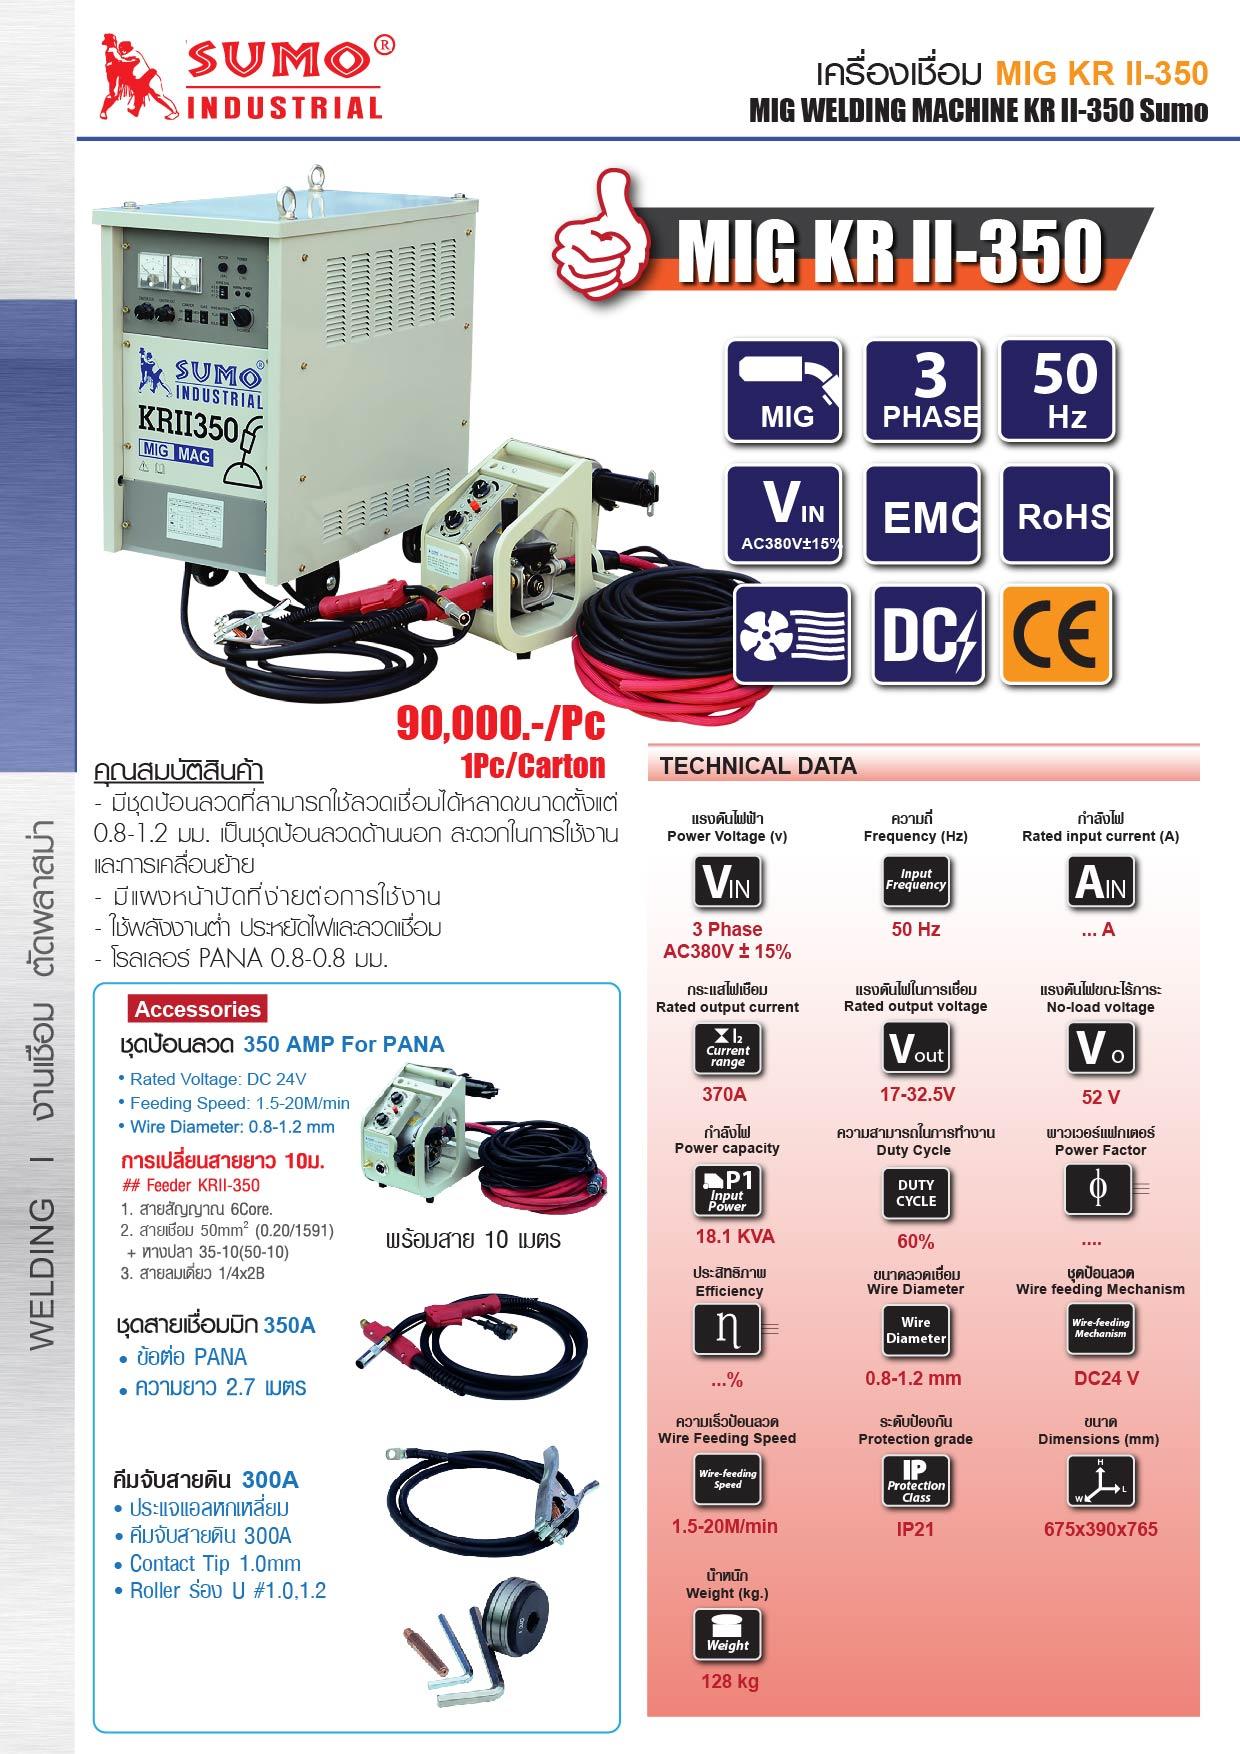 (11/18) MIG KRll-500